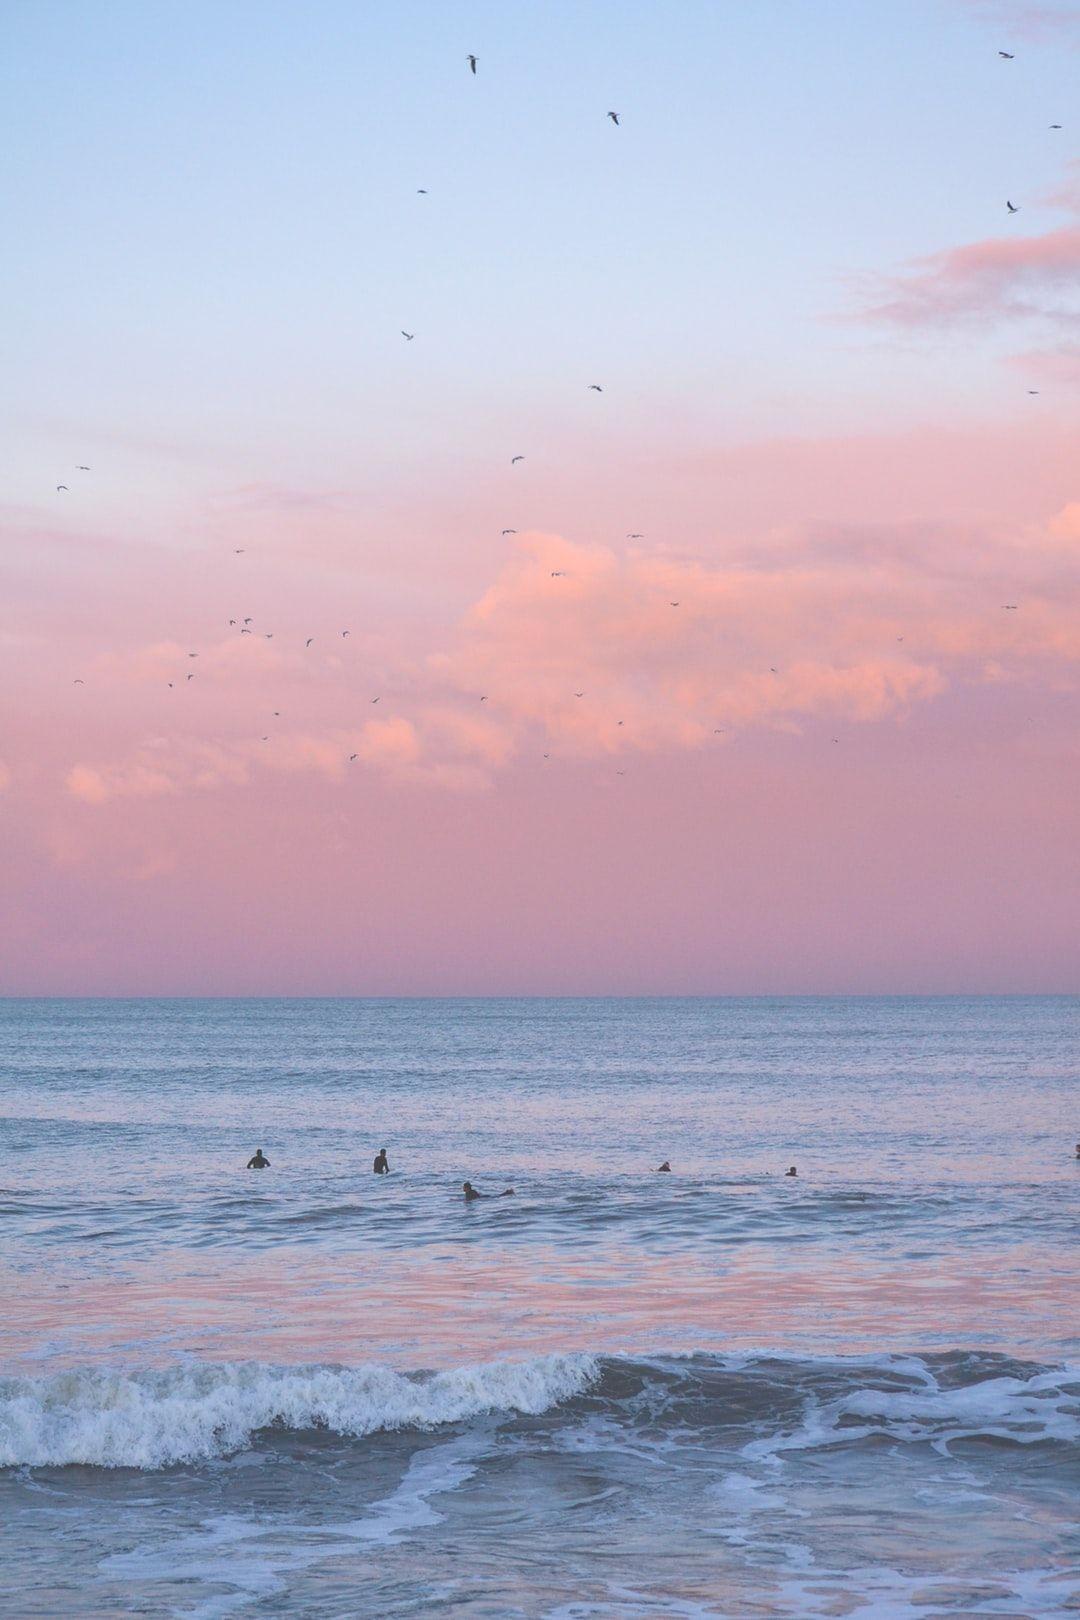 Ocean Tumblr Aesthetic - Pink Sky Wallpaper Hd - HD Wallpaper